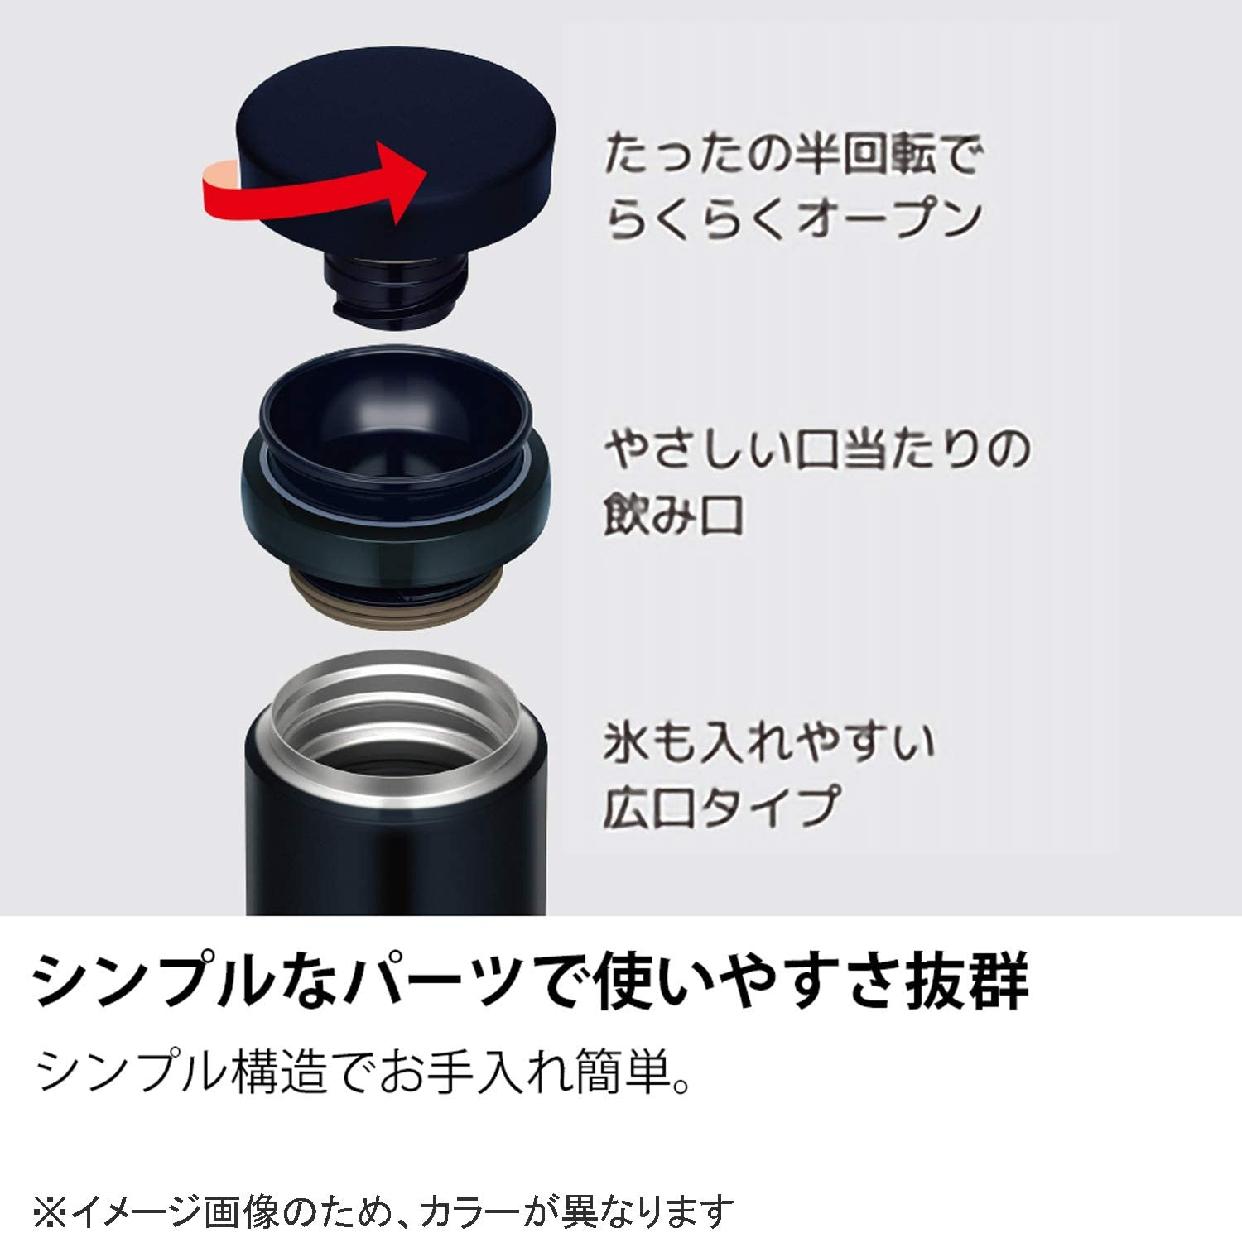 THERMOS(サーモス)真空断熱ケータイマグ JNO-502の商品画像7